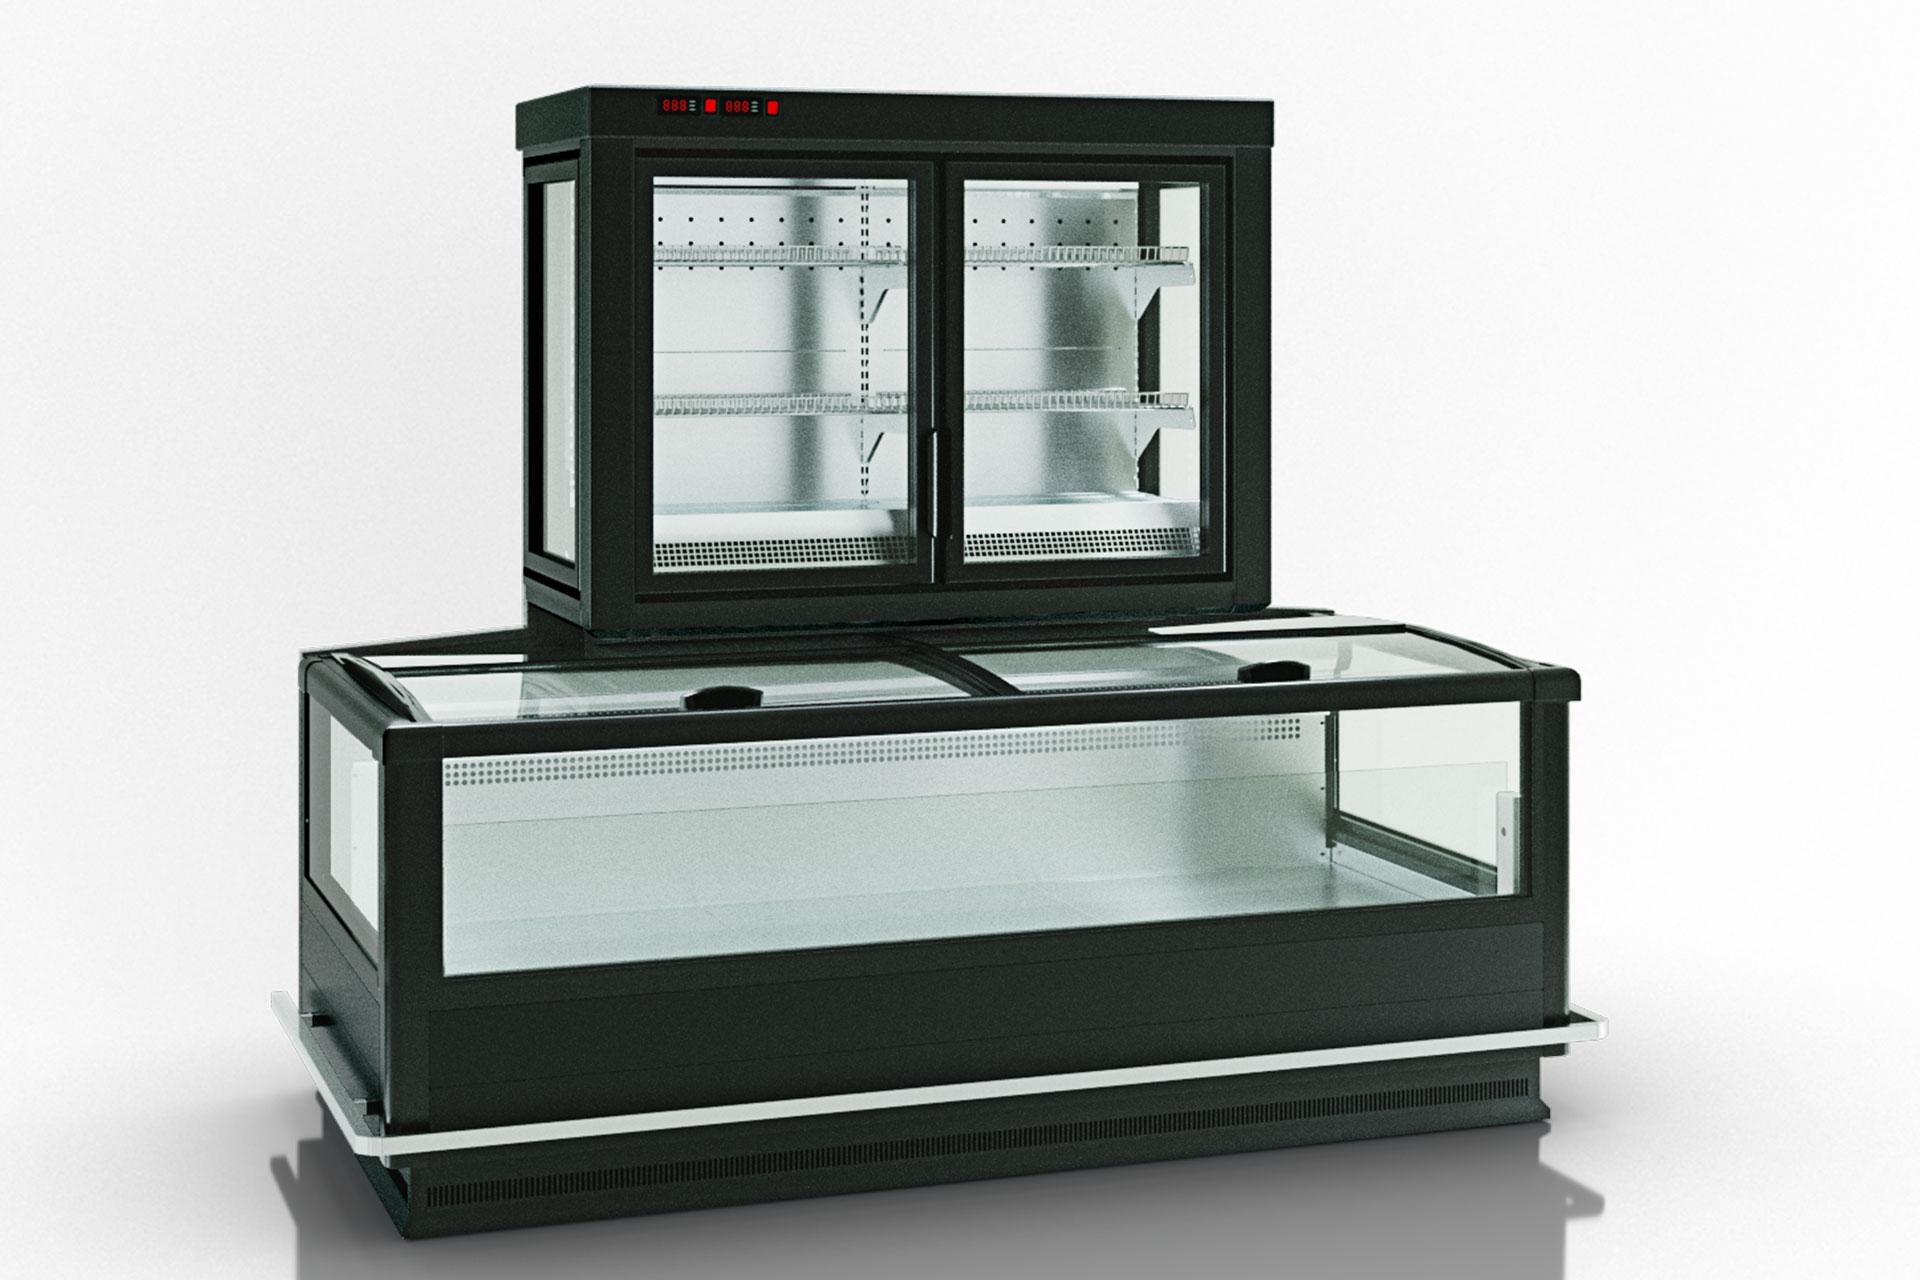 Frozen foods units Alaska combi 2 MD MHV 110 LT D/C 200-DLM-TL